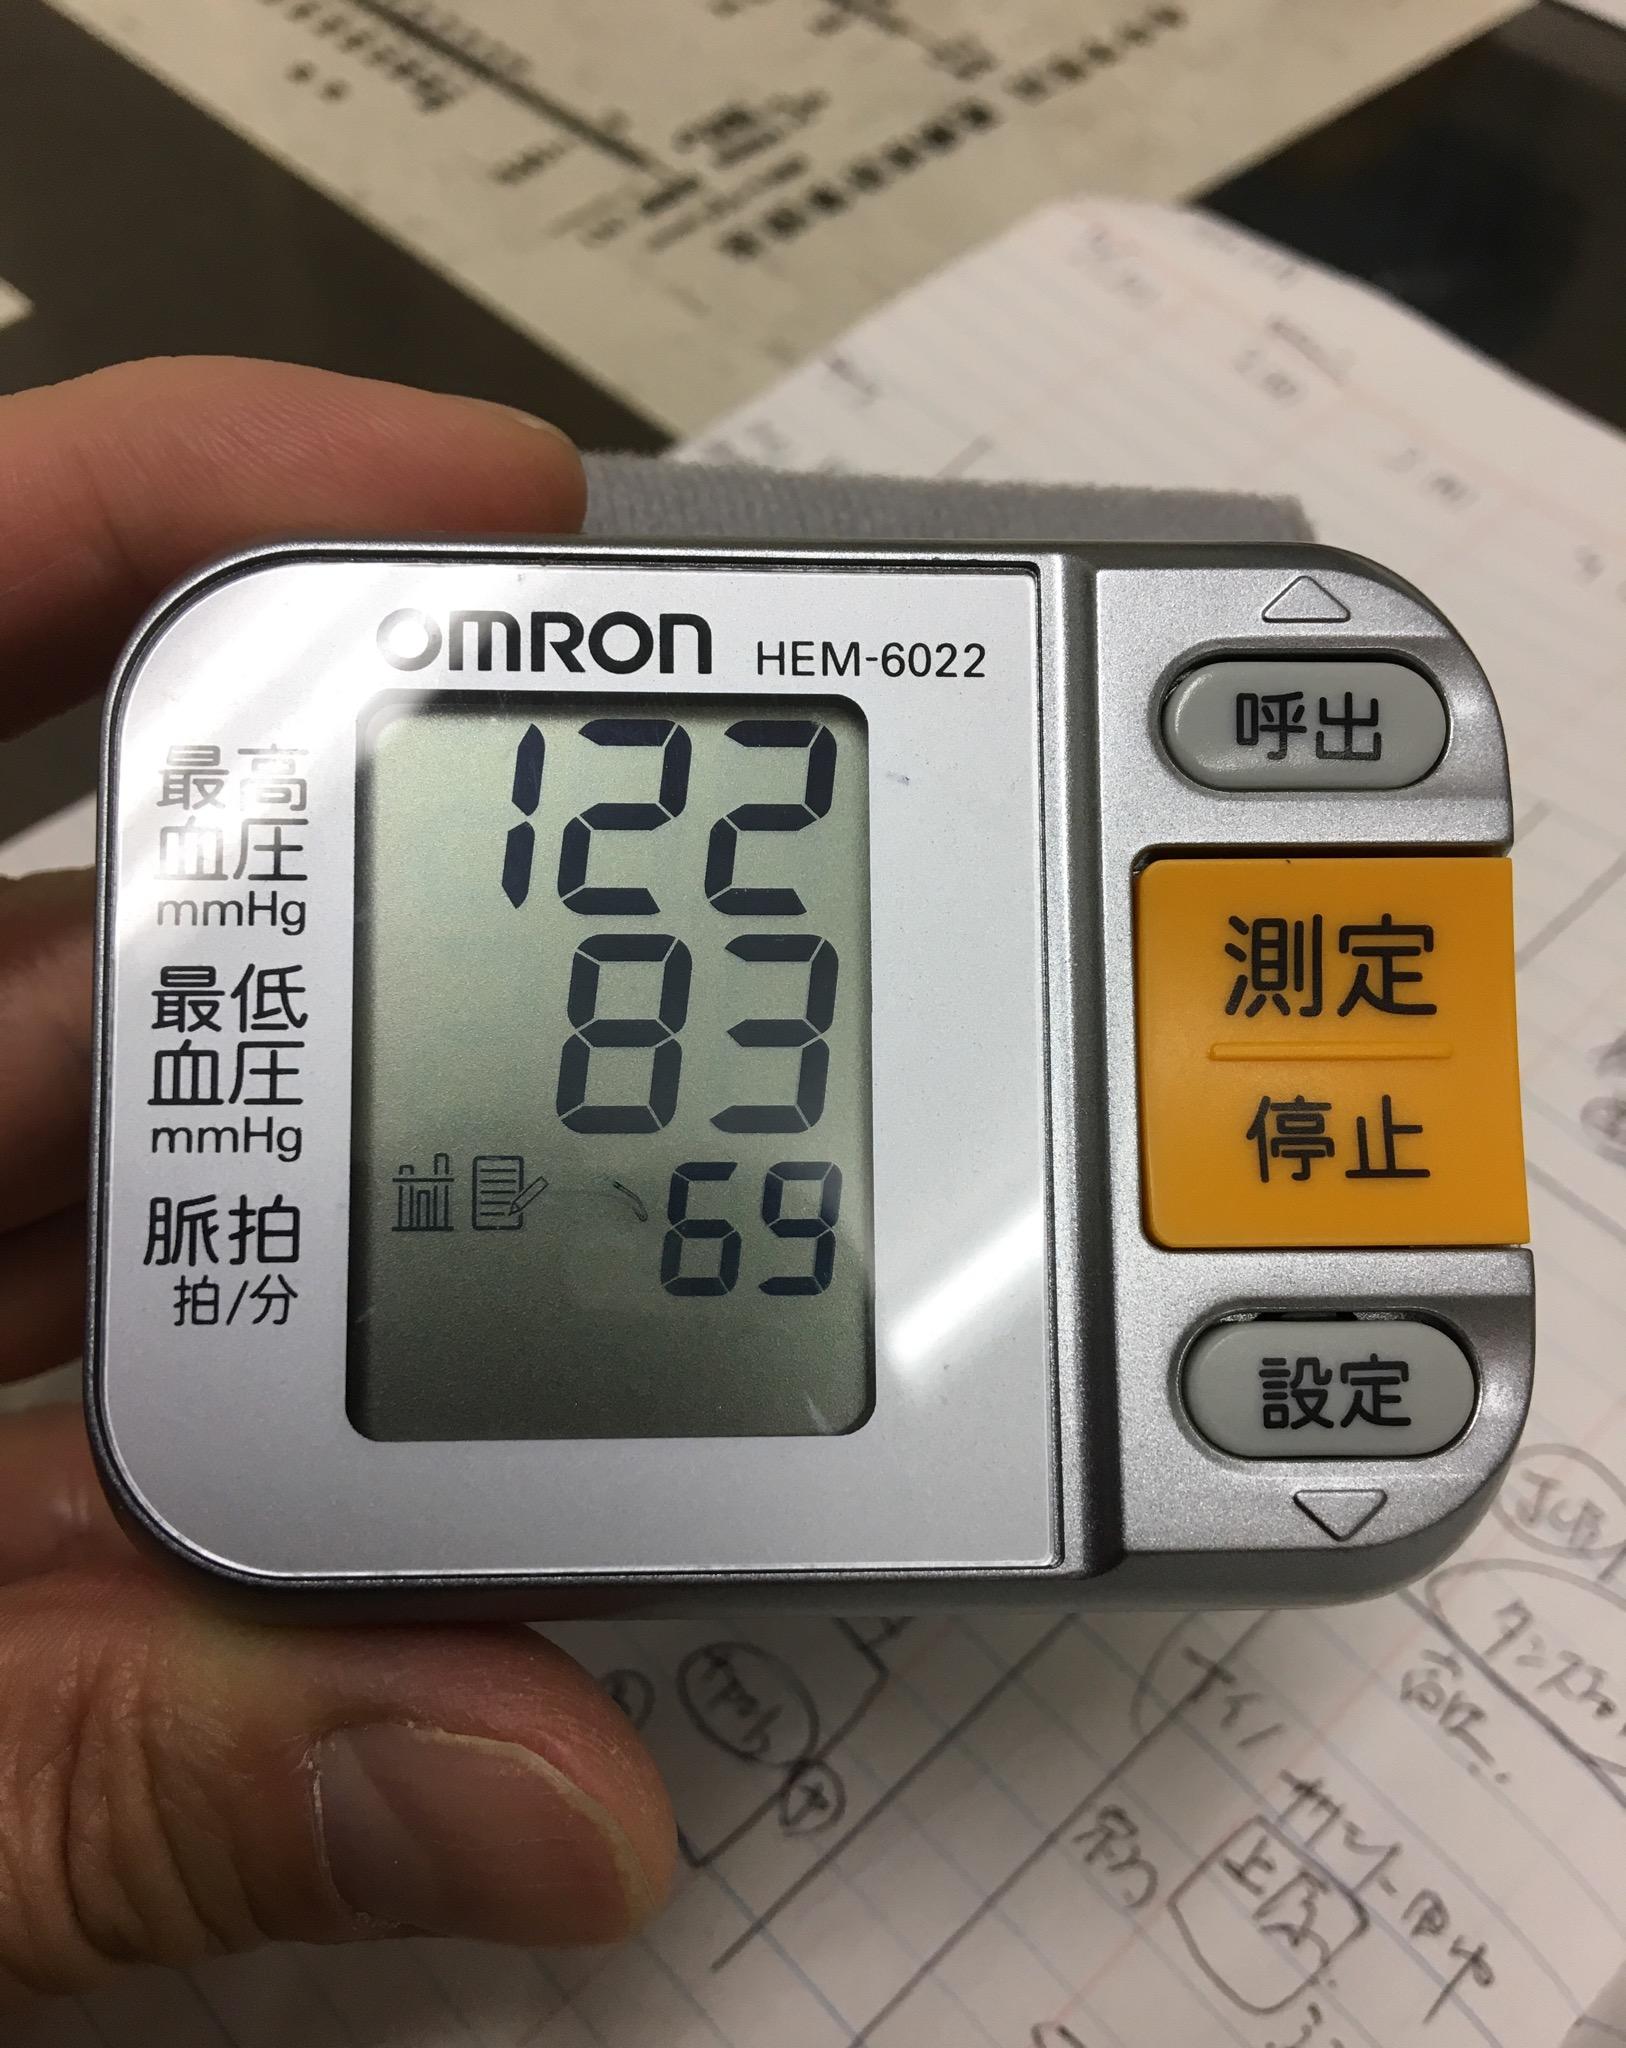 羽曳野市Kさん2ヶ月4.6kg痩せて血圧改善。